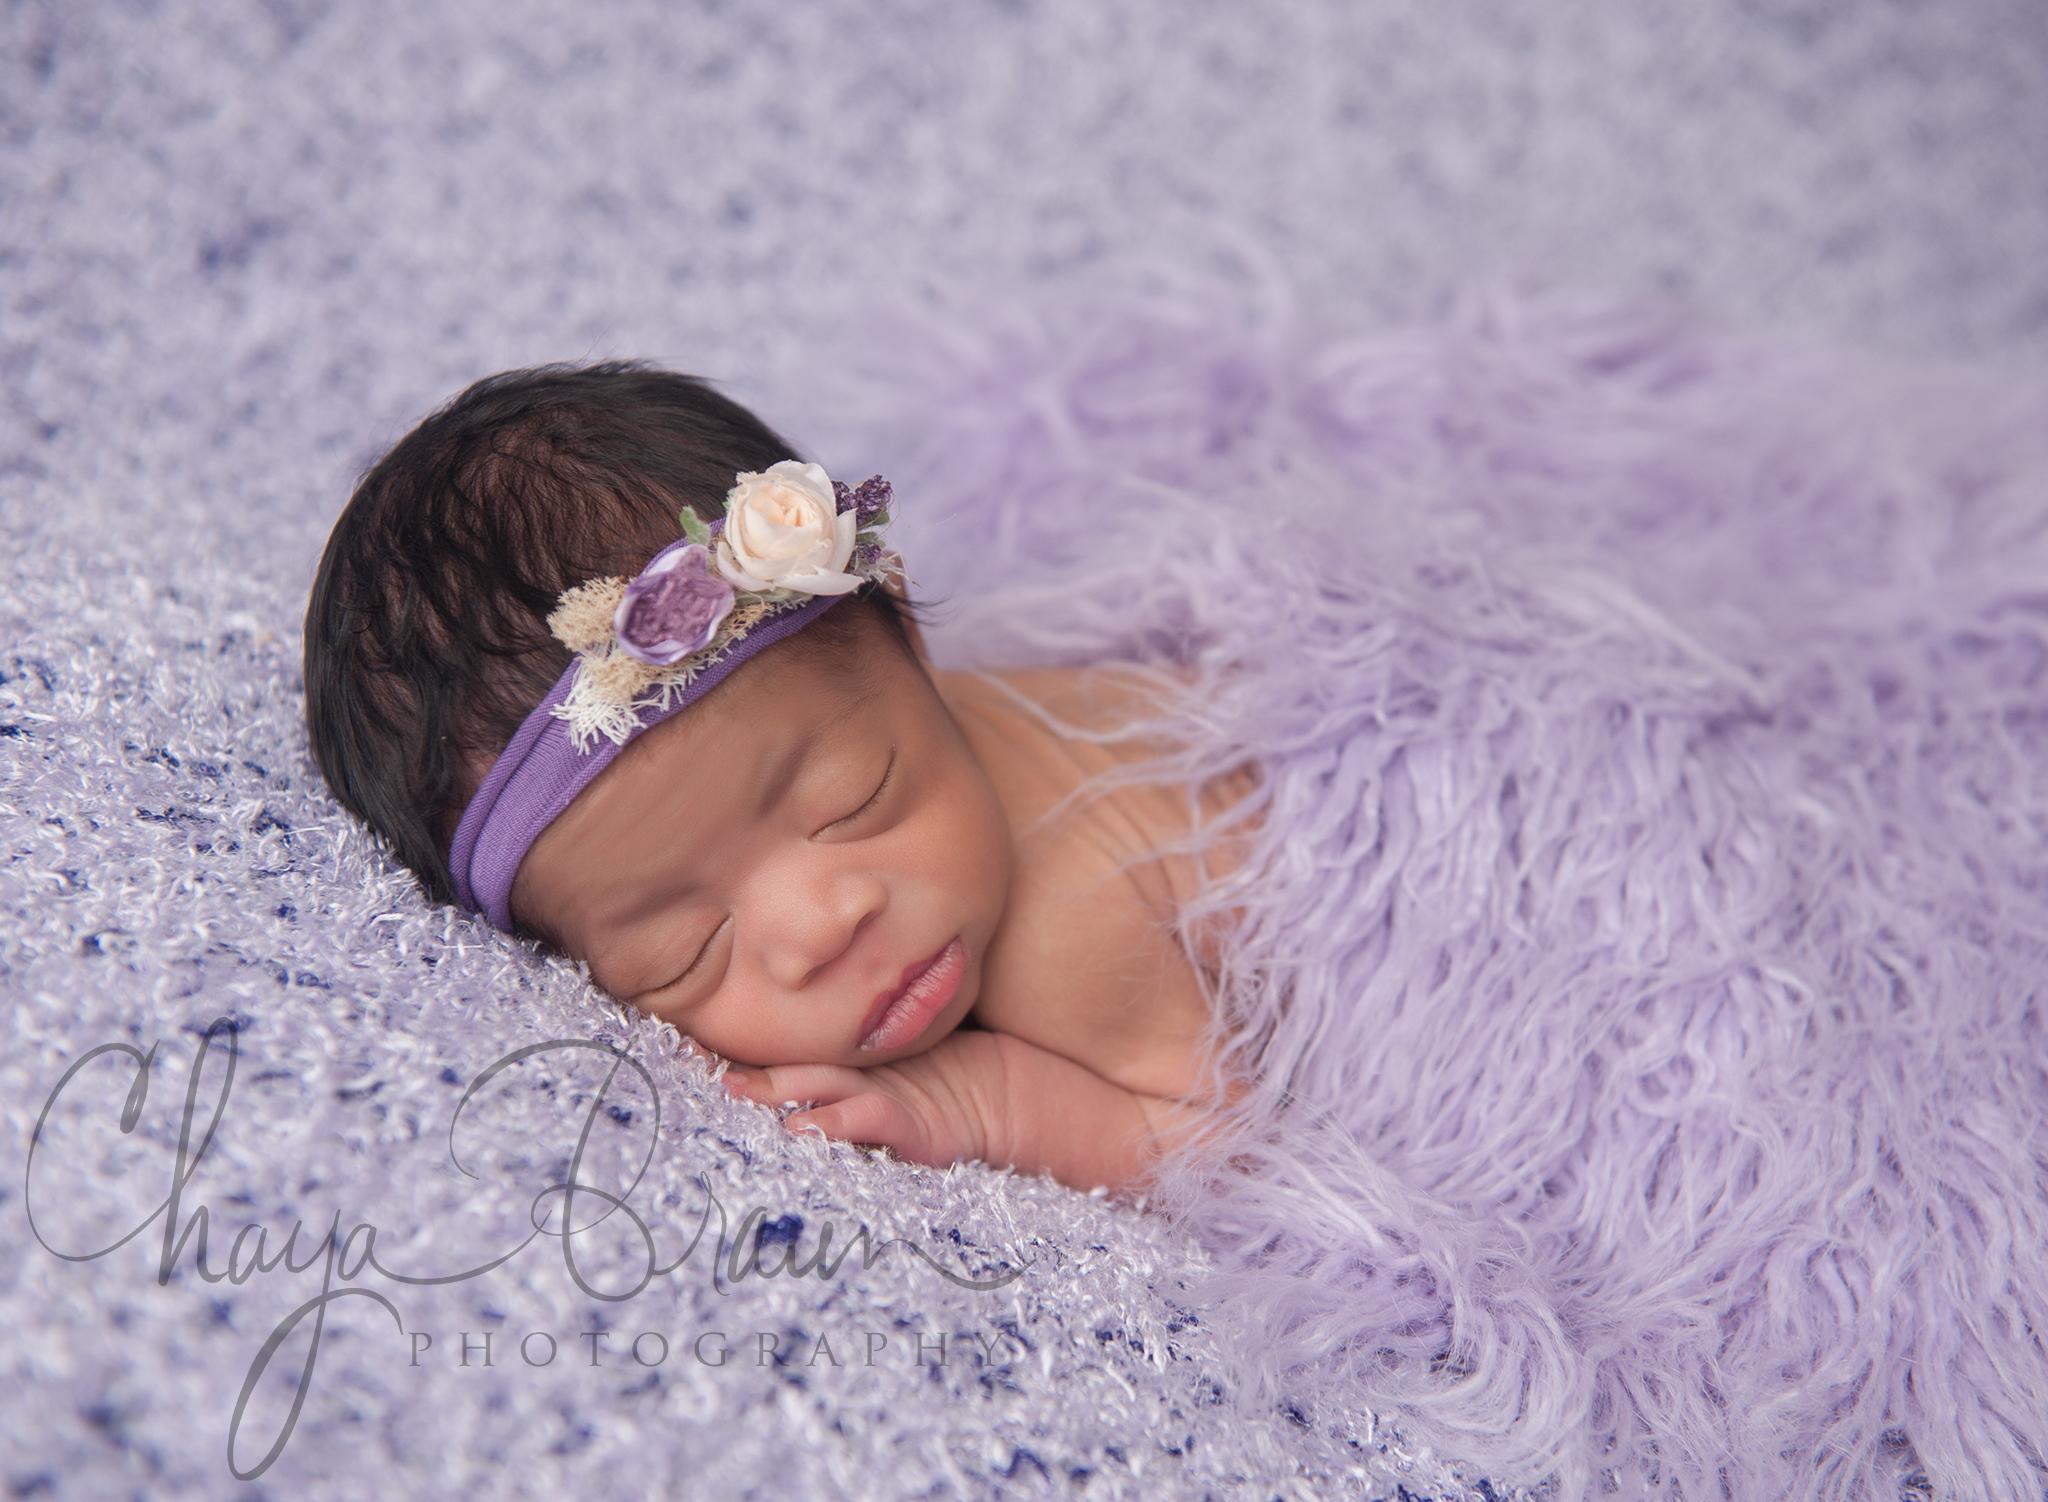 beatiful newborn baby photo